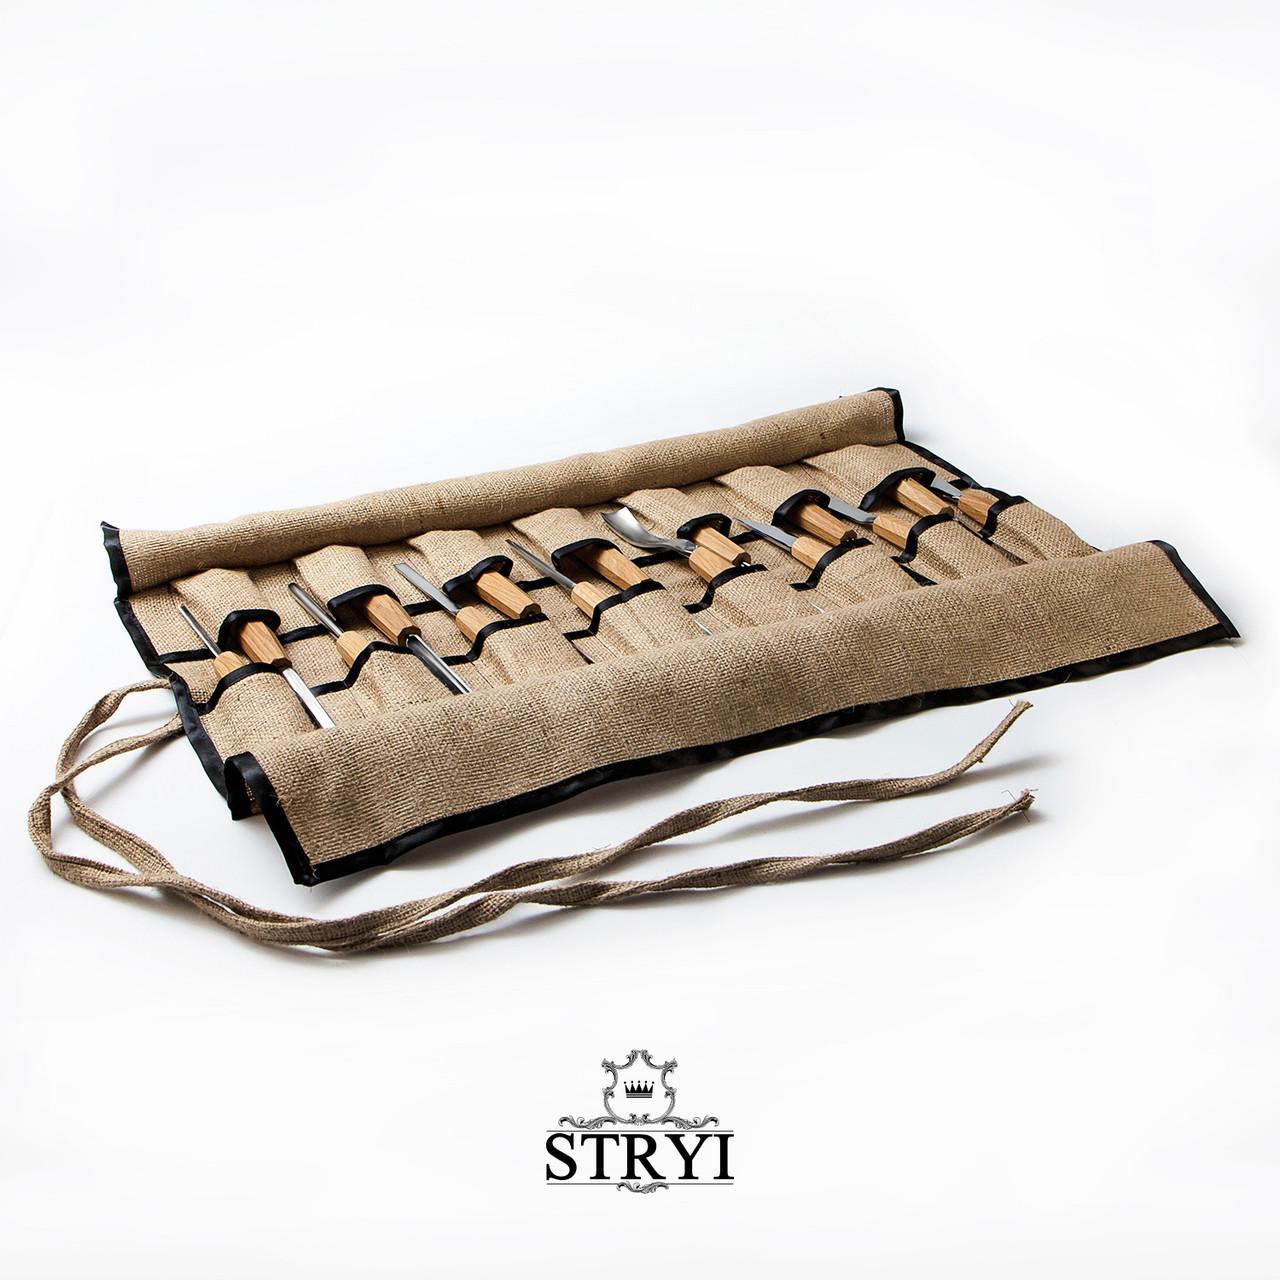 Чехол на 15 стамесок, от производителя STRYI